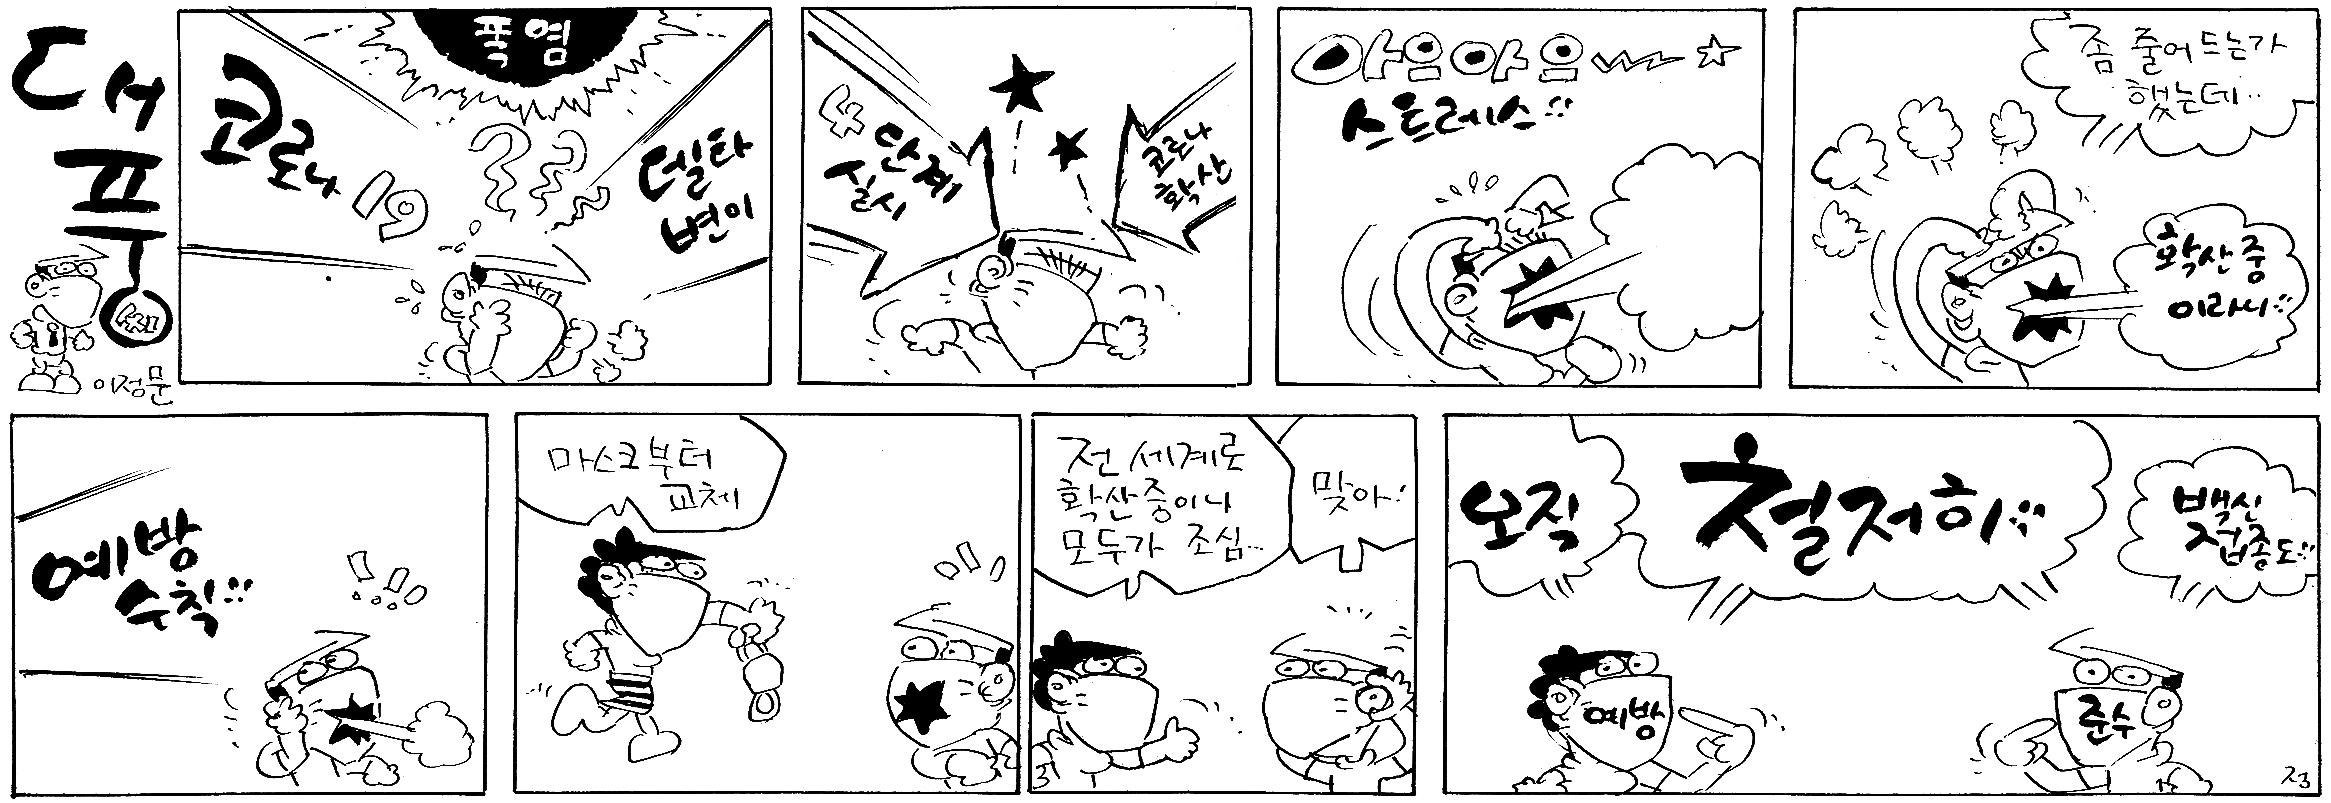 557호 대풍씨